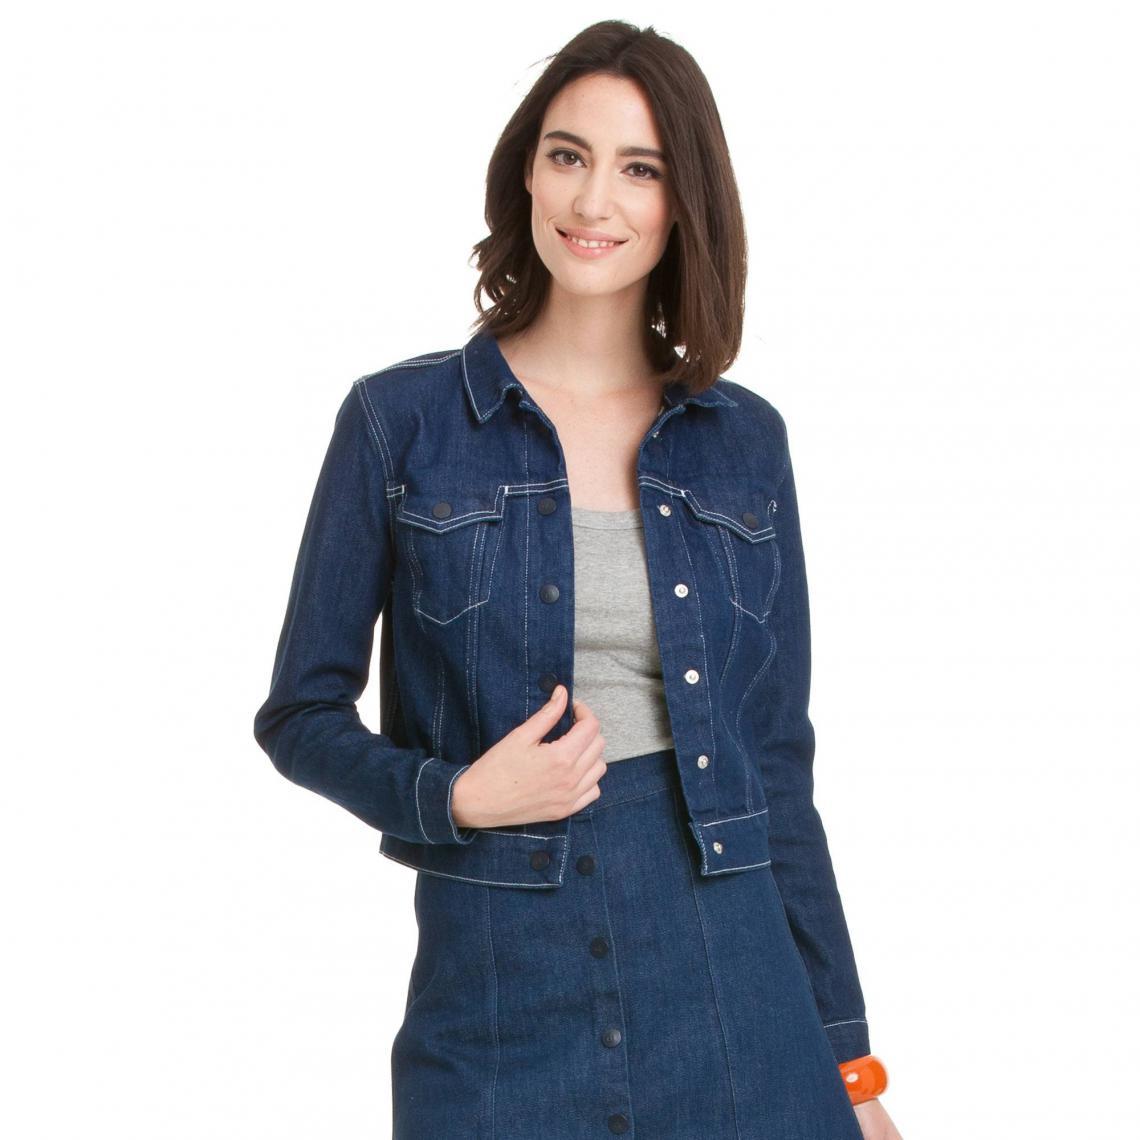 Veste en jean femme Reblc Calvin Klein - brut vintage Calvin Klein Jeans  Femme f63db24c9205